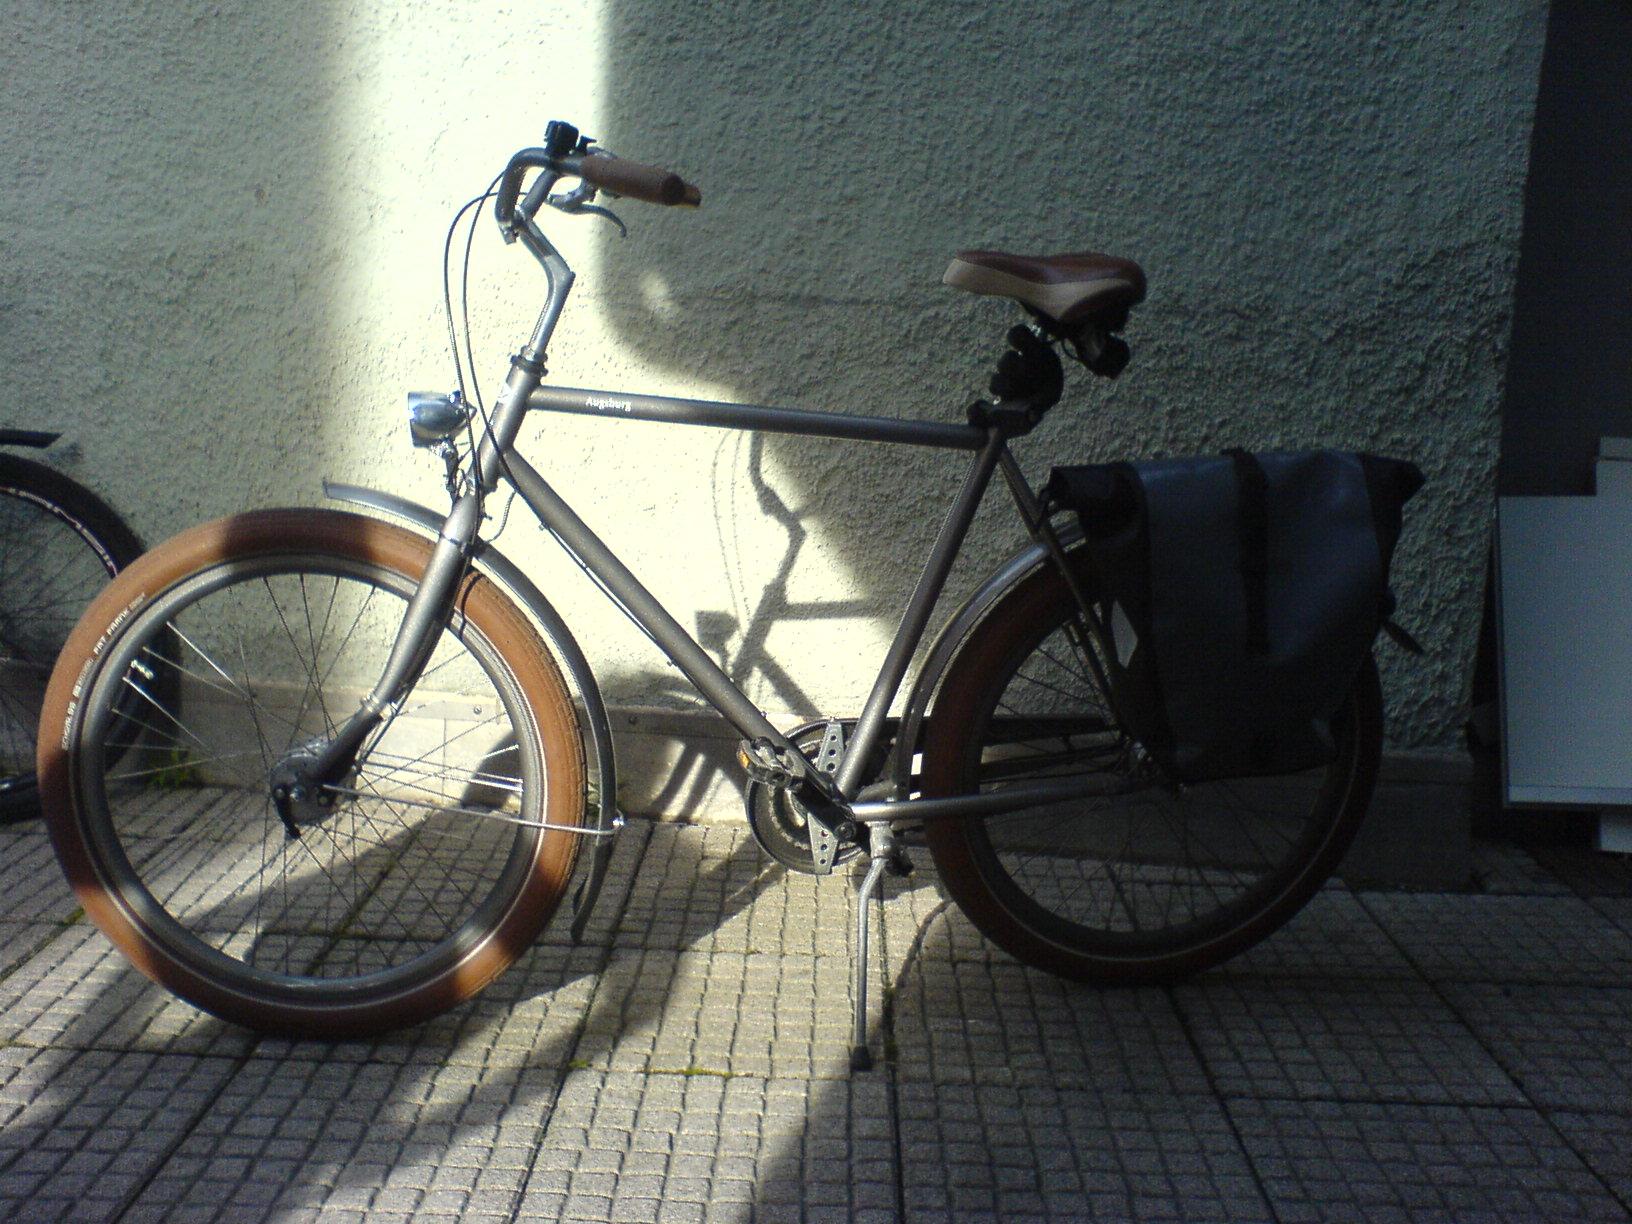 das neue augsburg fahrrad bikekitchen augsburg. Black Bedroom Furniture Sets. Home Design Ideas